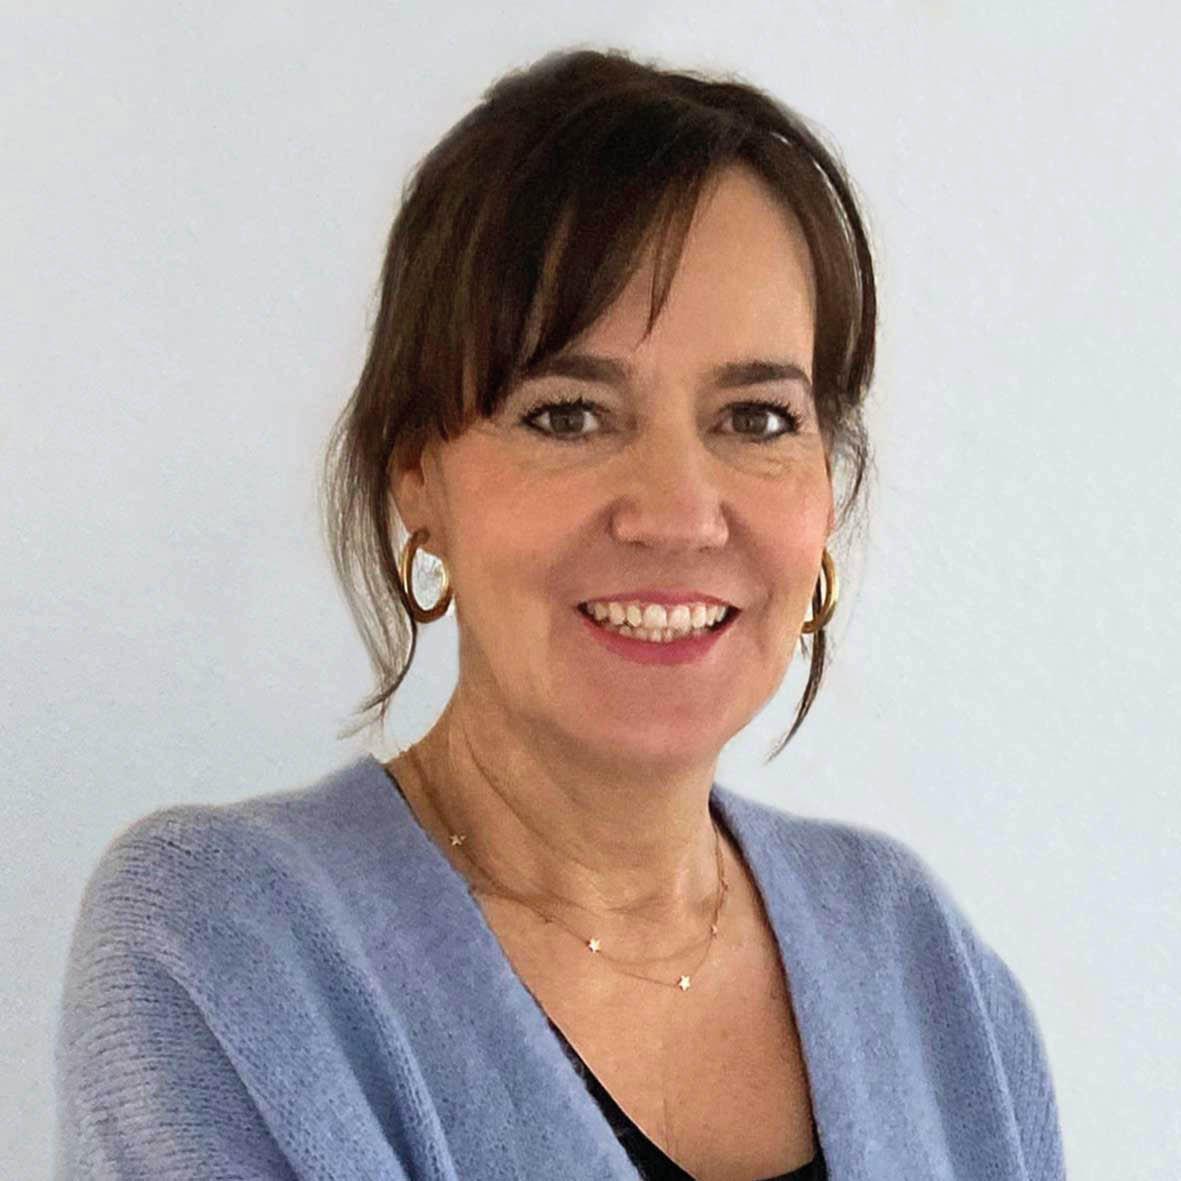 AnnetteKuh